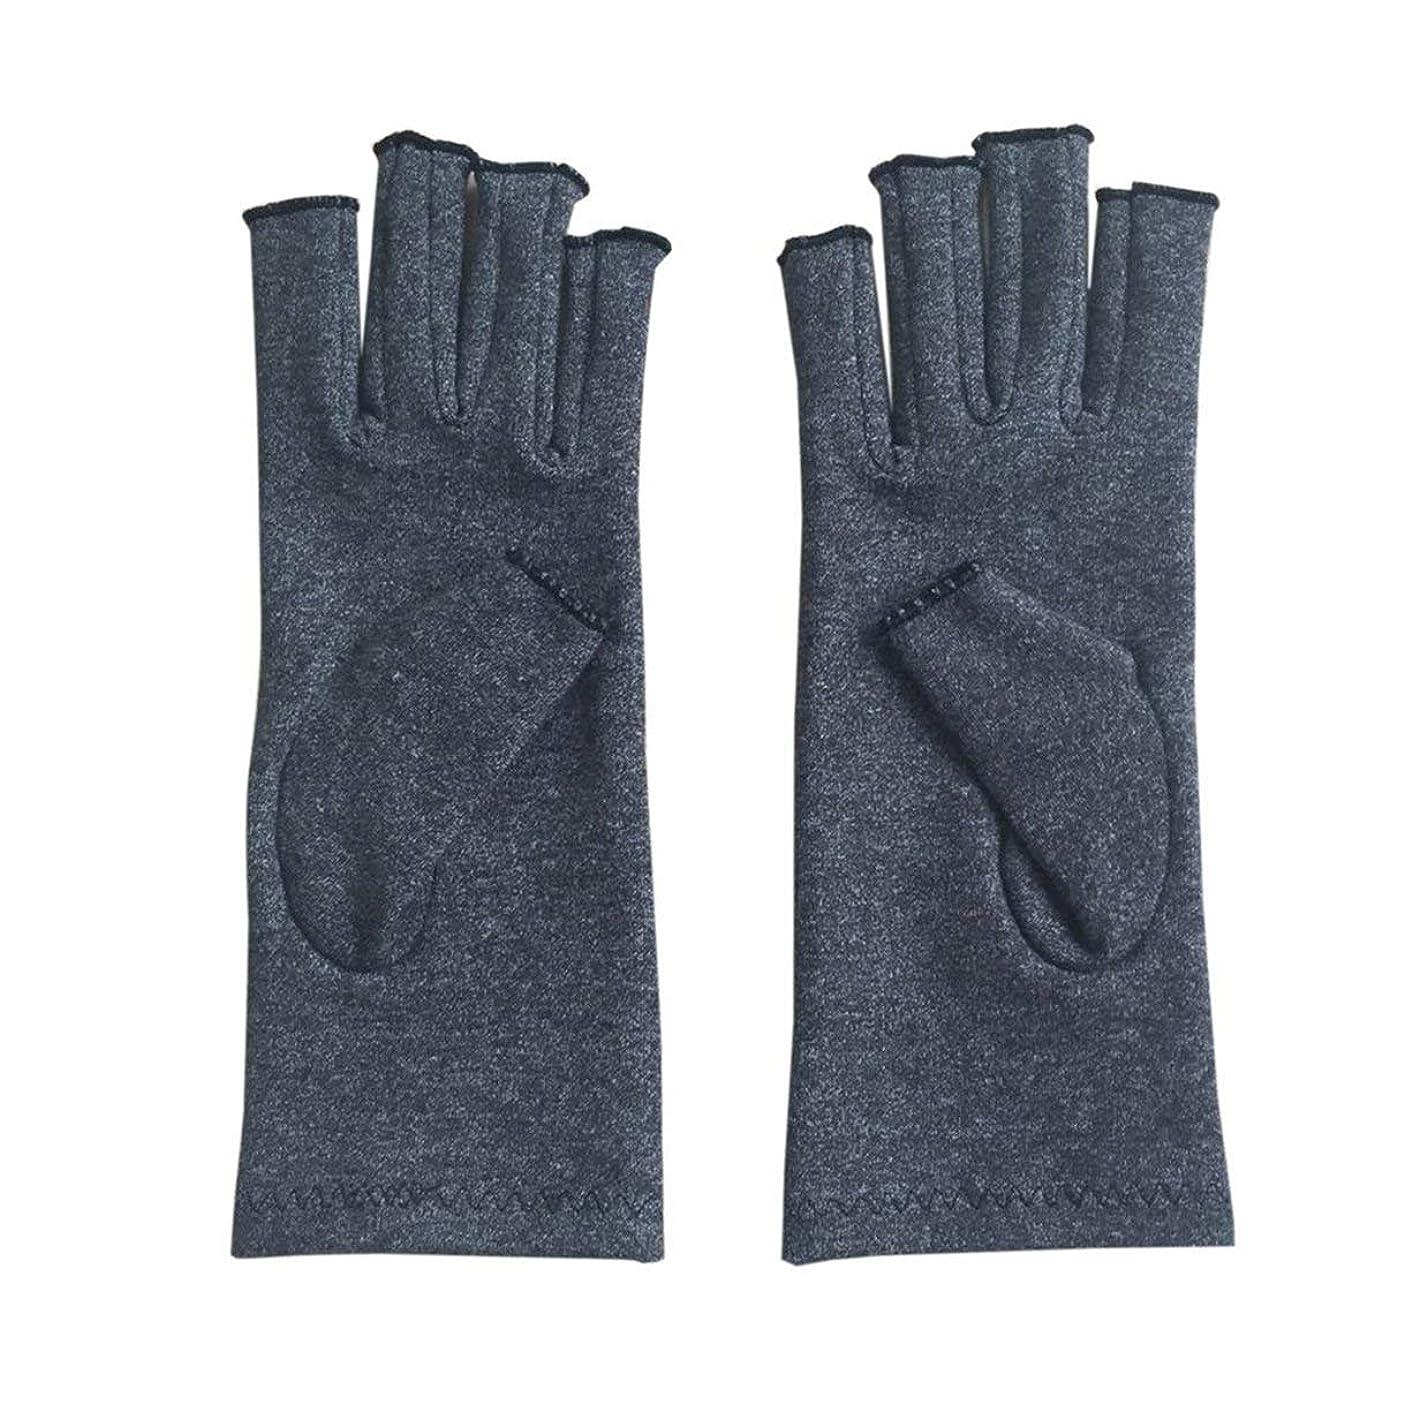 良性チケット剣ペア/セット快適な男性女性療法圧縮手袋無地通気性関節炎関節痛緩和手袋 - グレーM